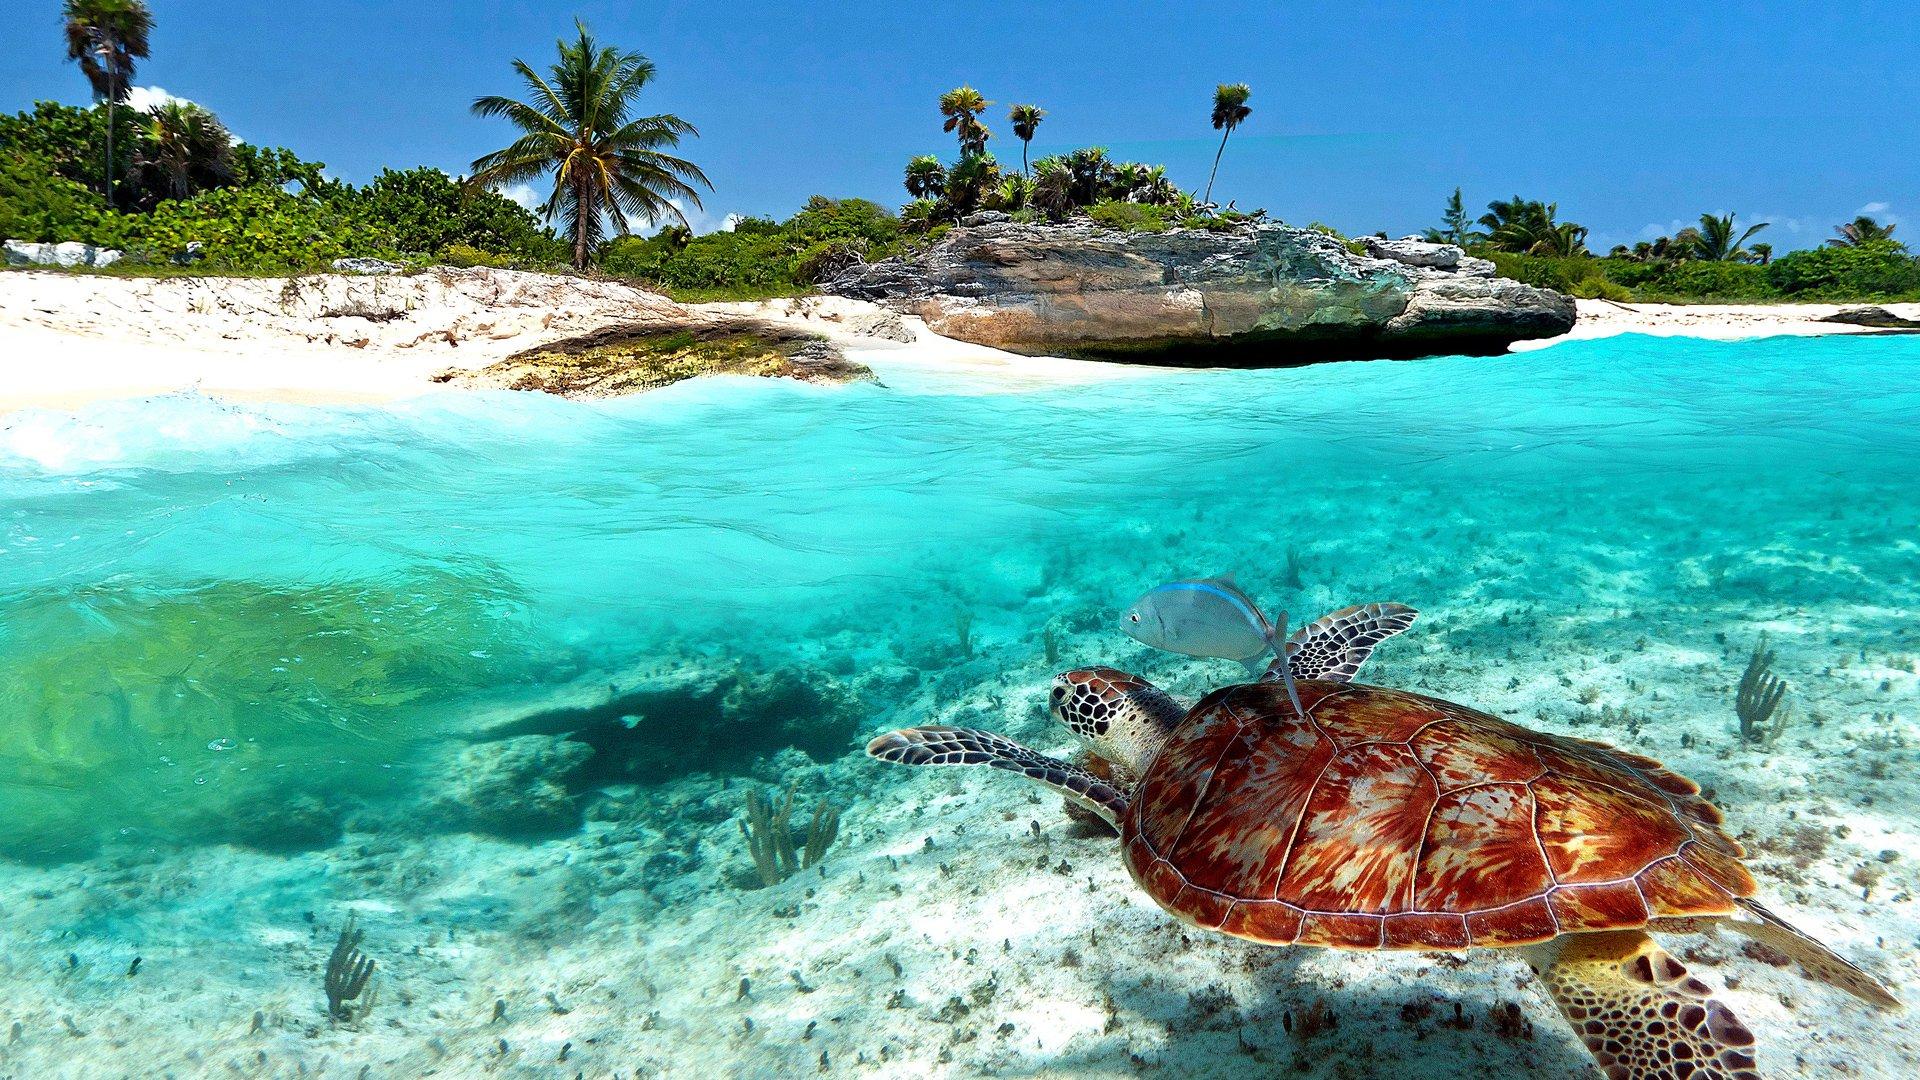 Playa Del Carmen Hotels All Inclusive Deals